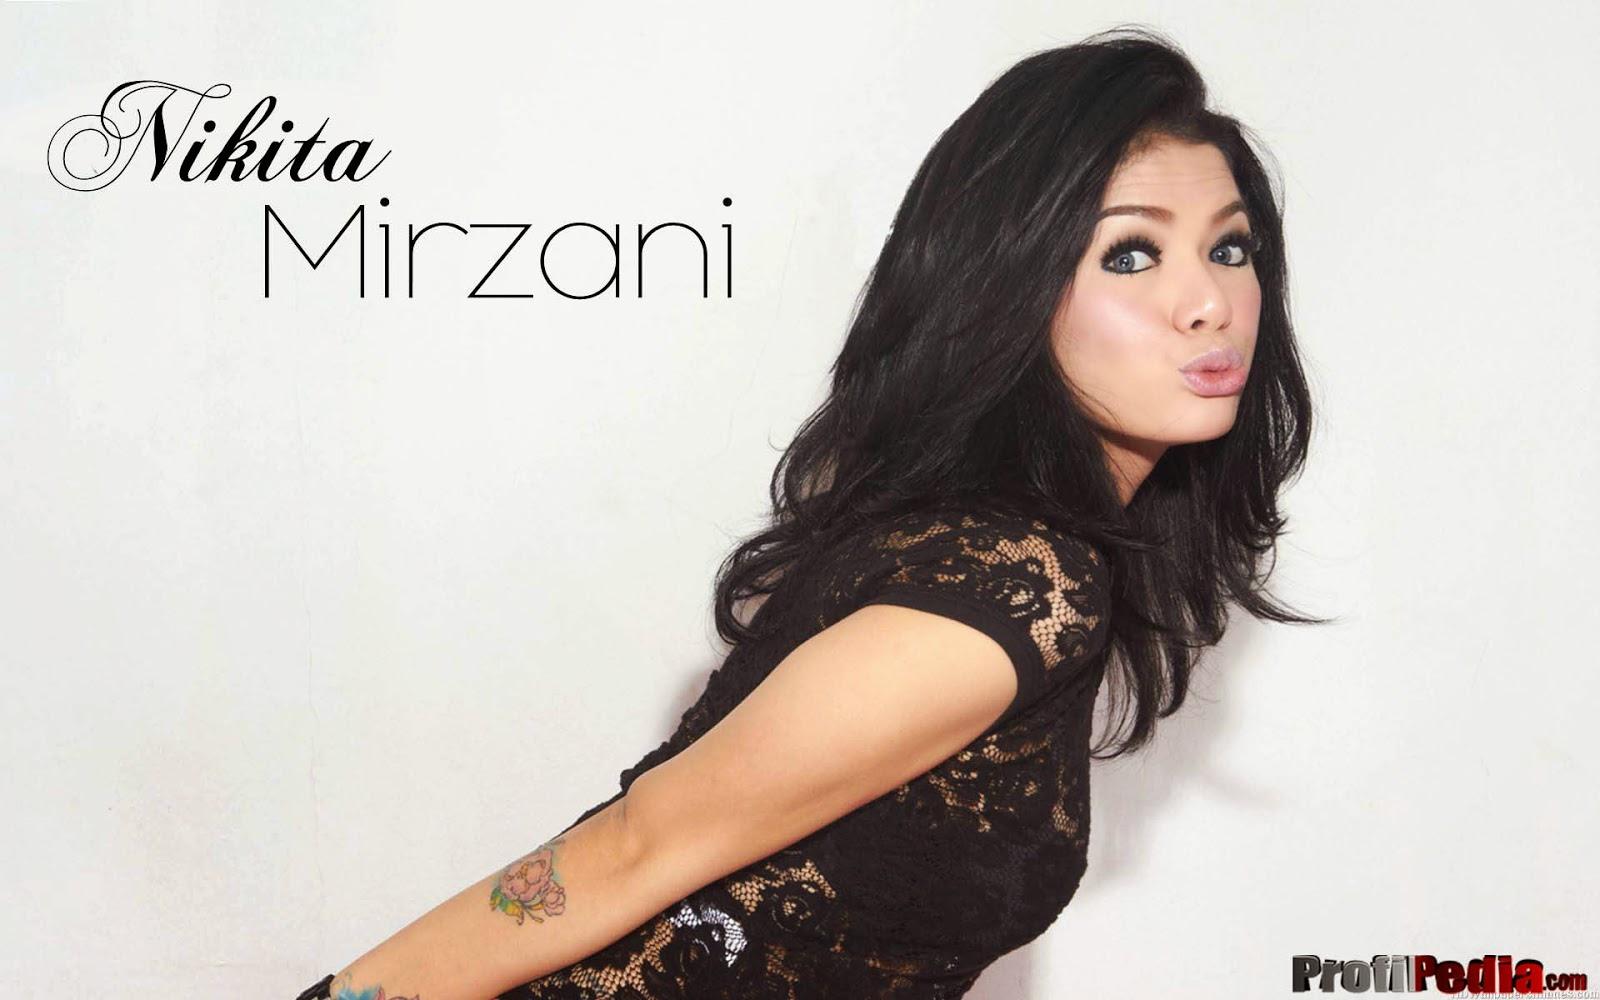 Daftar Film Nikita Mirzani